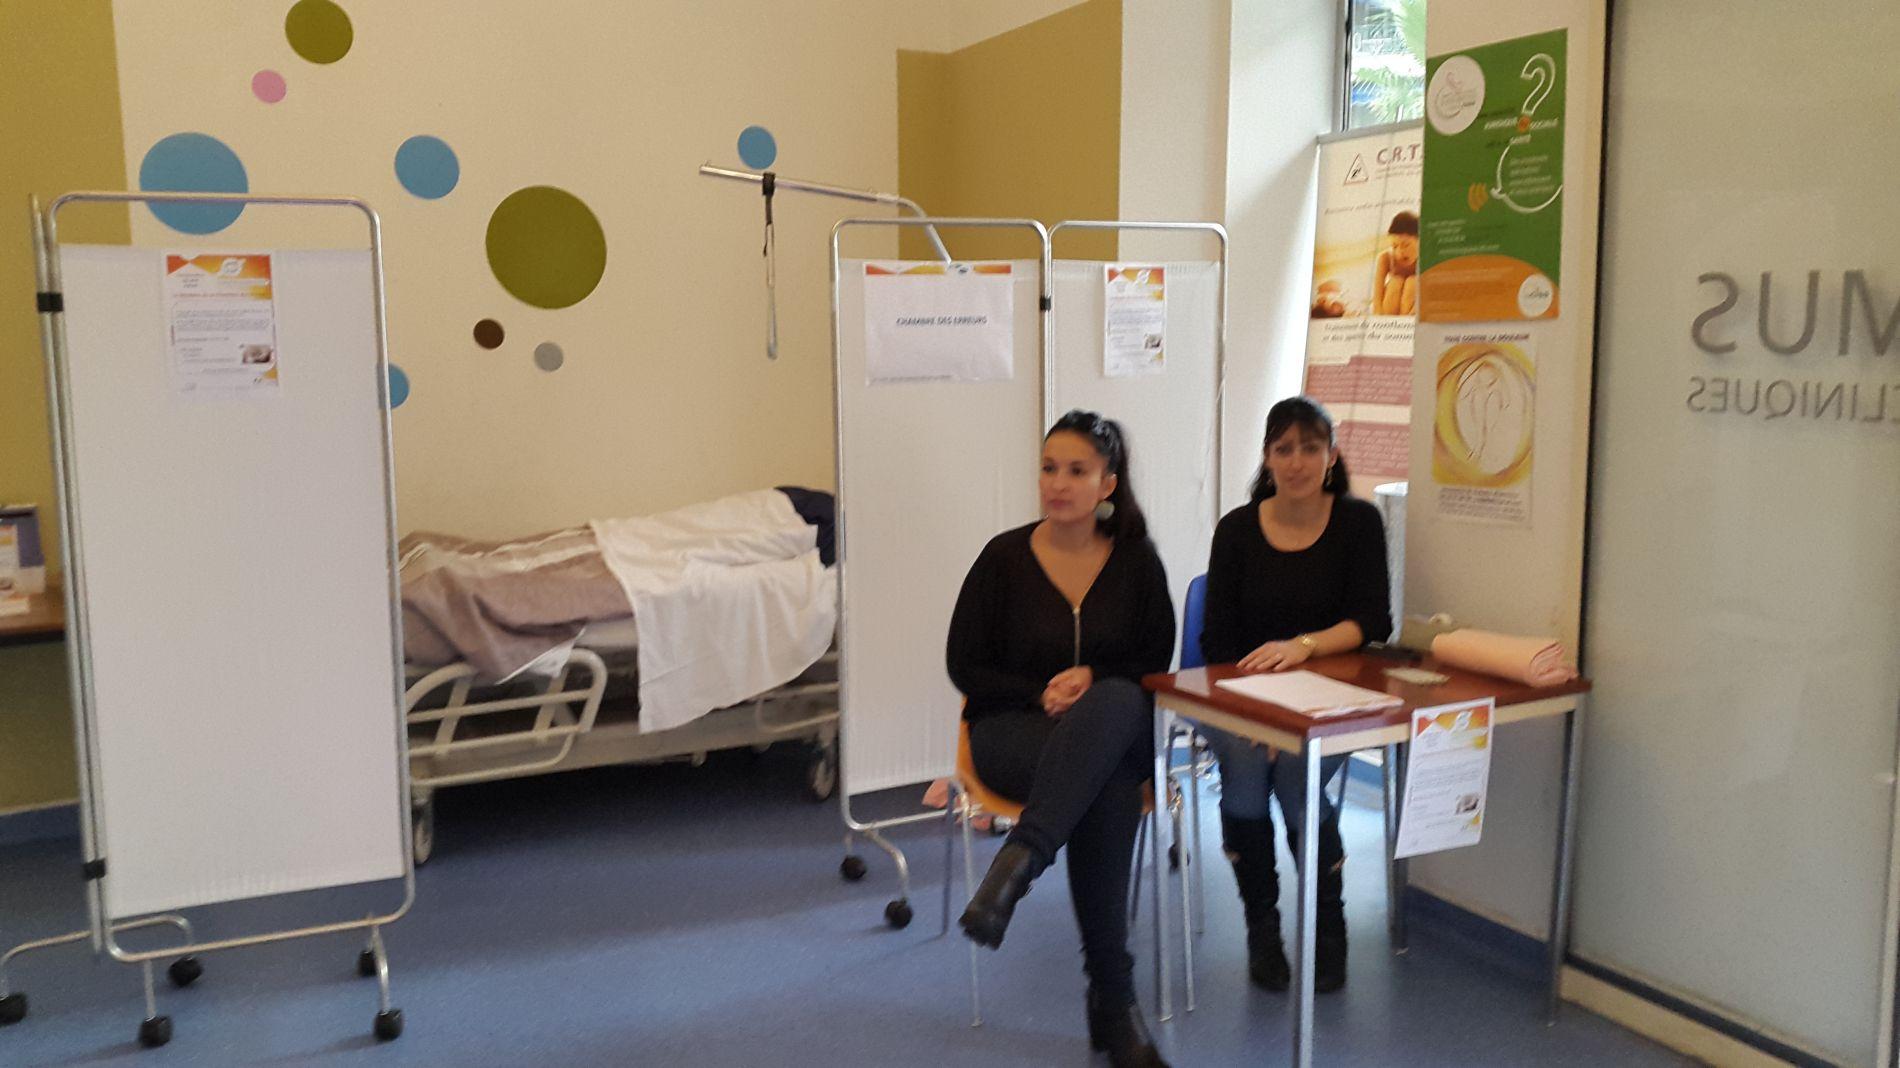 Semaine Sécurité des Patients : le succès de la chambre des erreurs